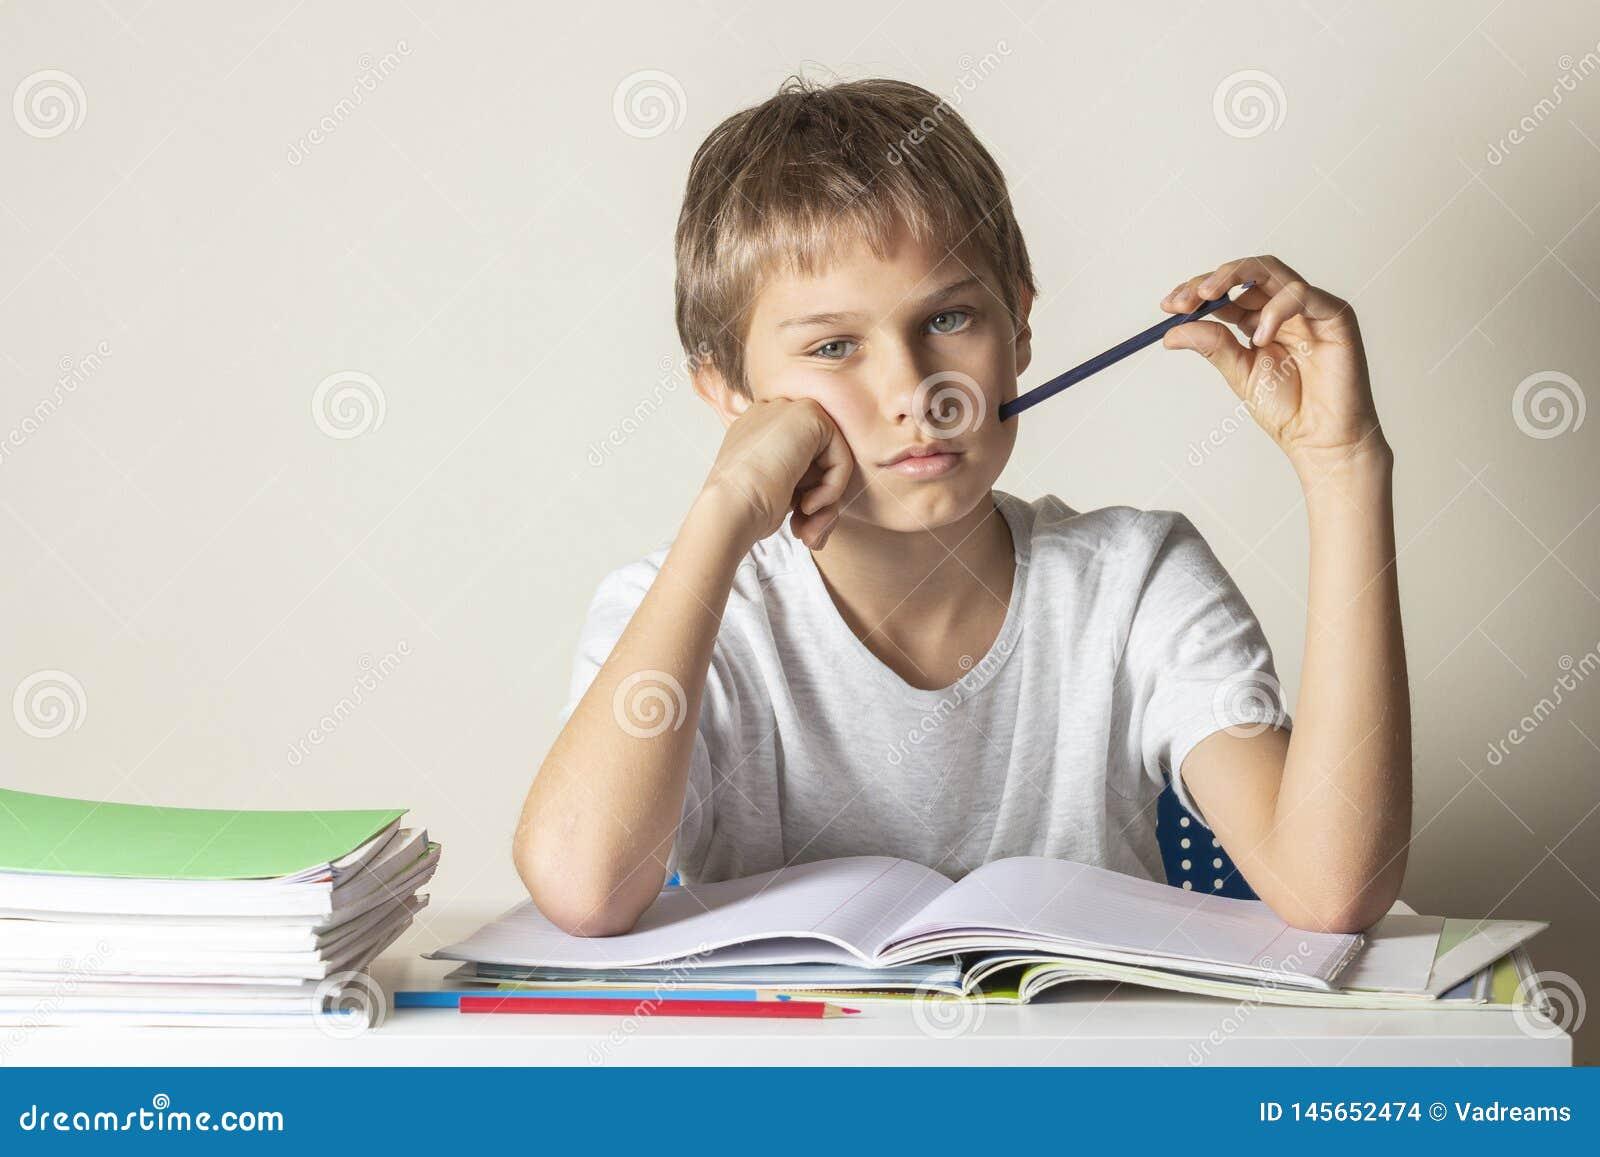 Menino cansado triste que faz trabalhos de casa Educa??o, escola, conceito das dificuldades de aprendizagem